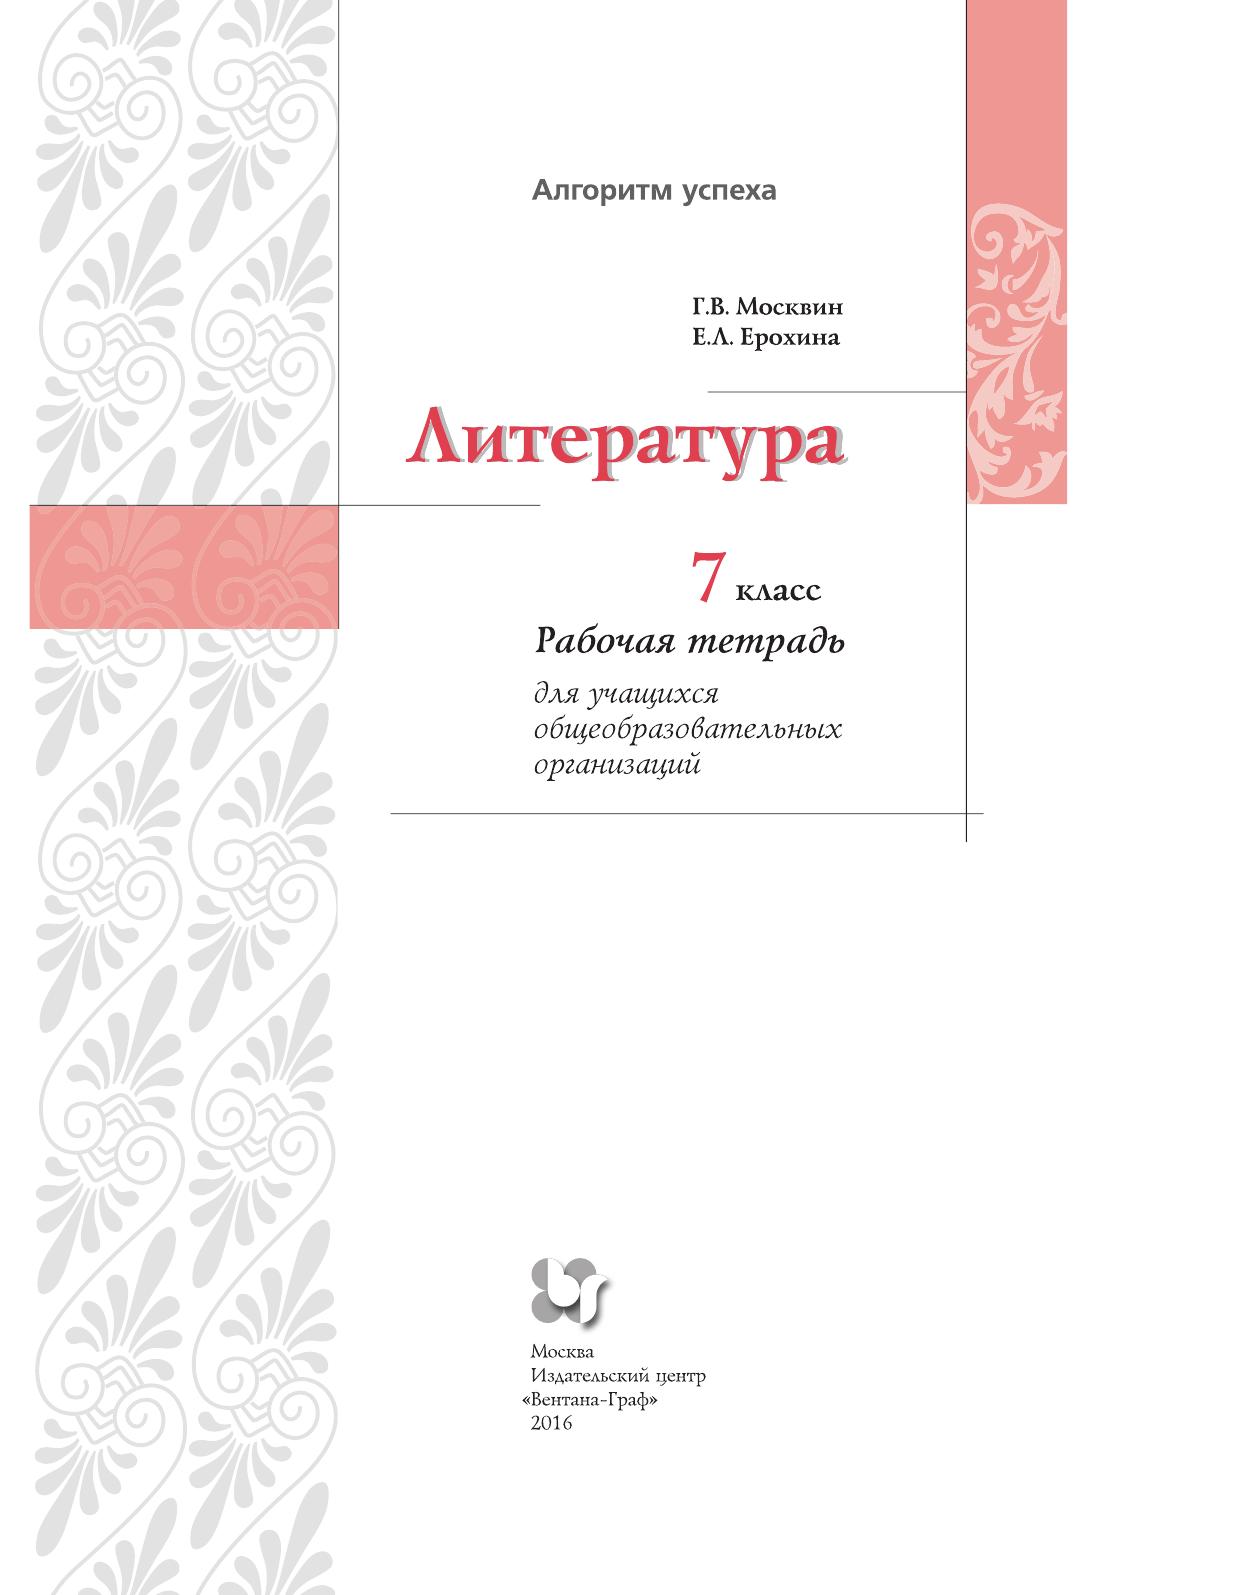 рабочая тетрадь по литературе 6 класс москвин гдз